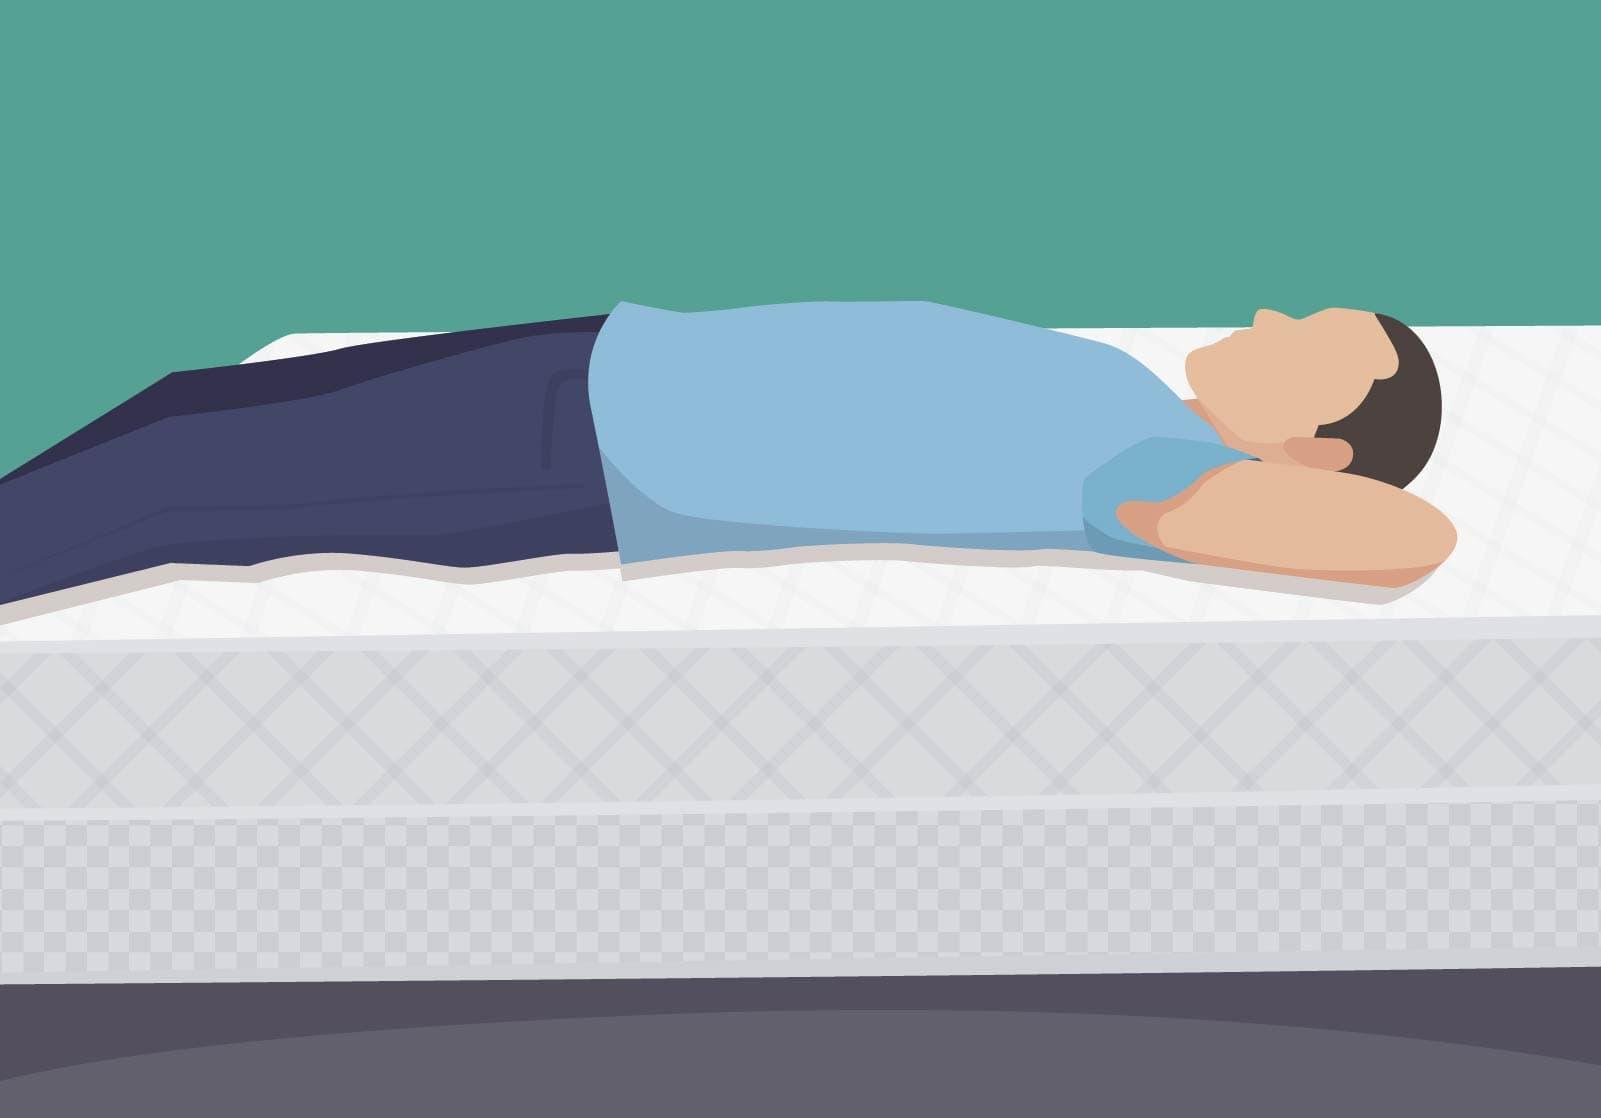 Fehler beim Matratzenkauf: Wer die falsche Matratze wählt, liegt unbequemer und riskiert u.a. Rückenschmerzen und Schlafprobleme.